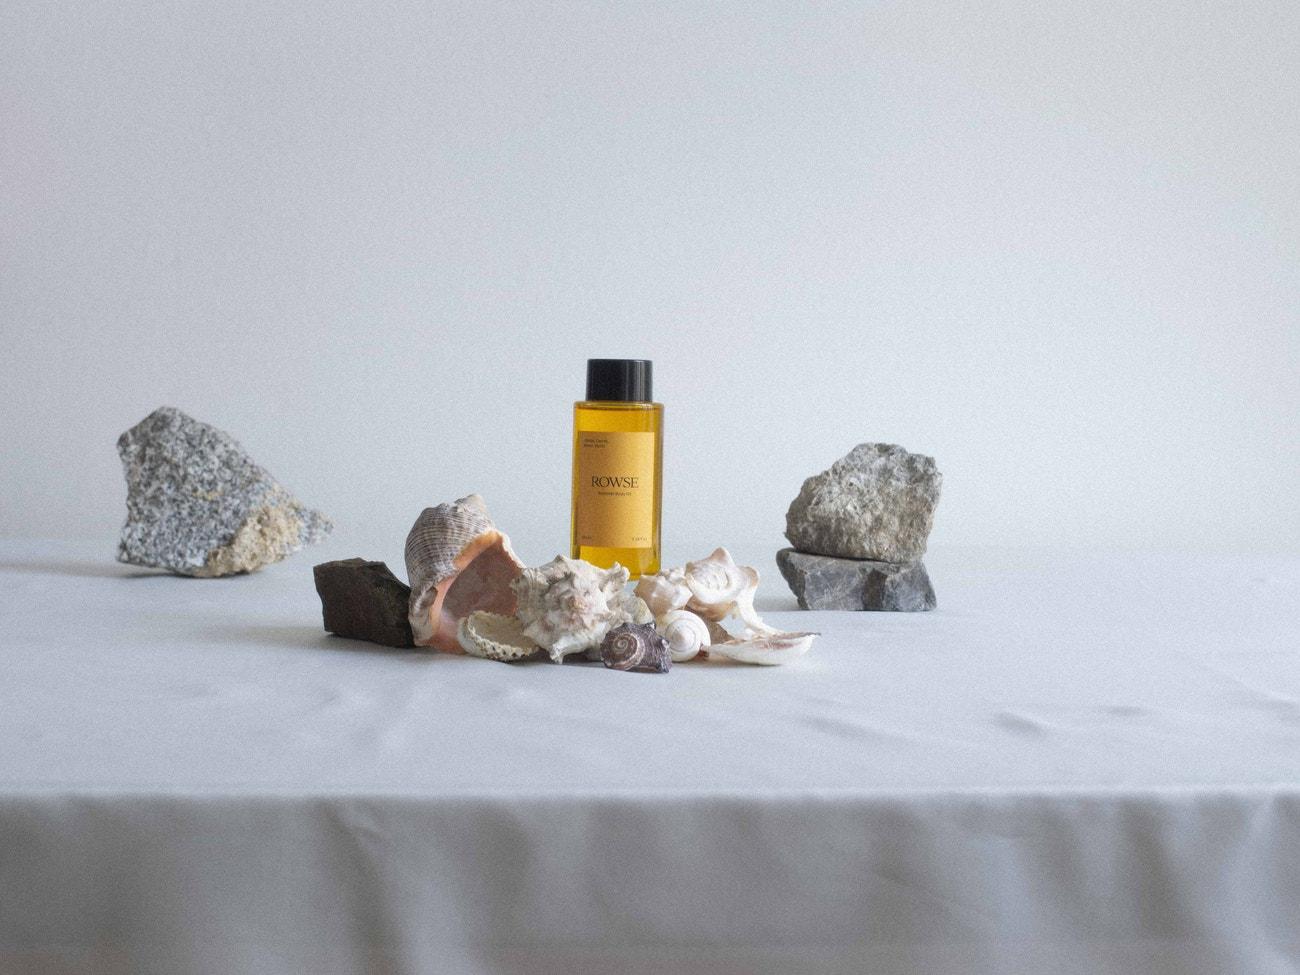 Tělový olej Summer Body Oil, ROWSE, prodává Rowse, 42 €